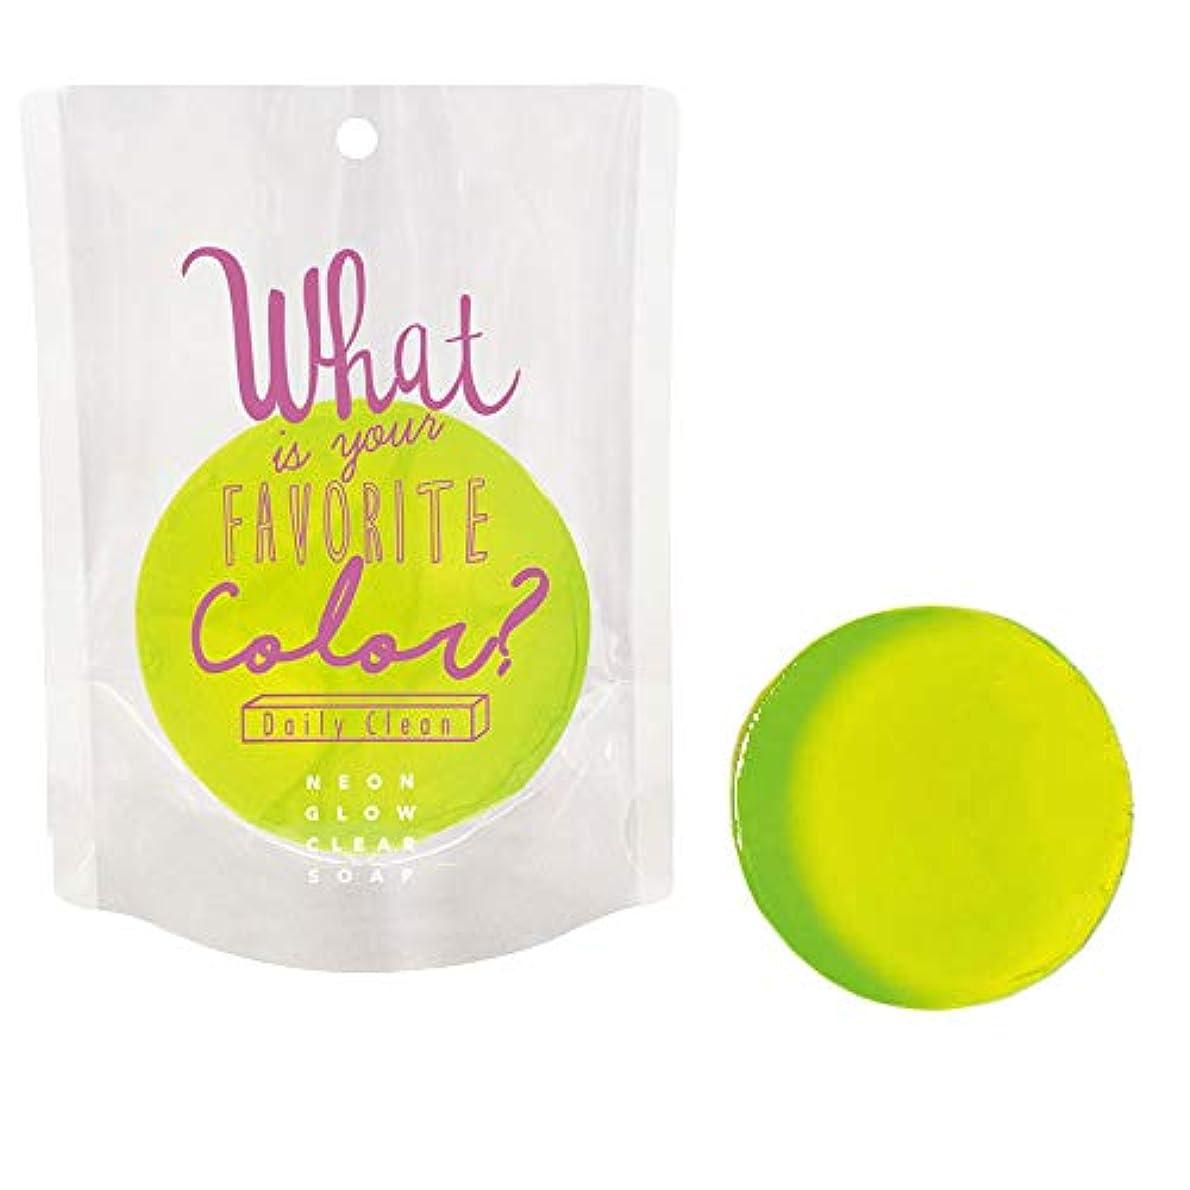 後悔かんがい中間ネオングロークリアソープ ob-ngw-2-1-4(02/パパイヤ) Neon Glow Clear Soap 石鹸 ノルコーポレーション 固形 せっけん カラフル 香り 清潔 ギフト プレゼント